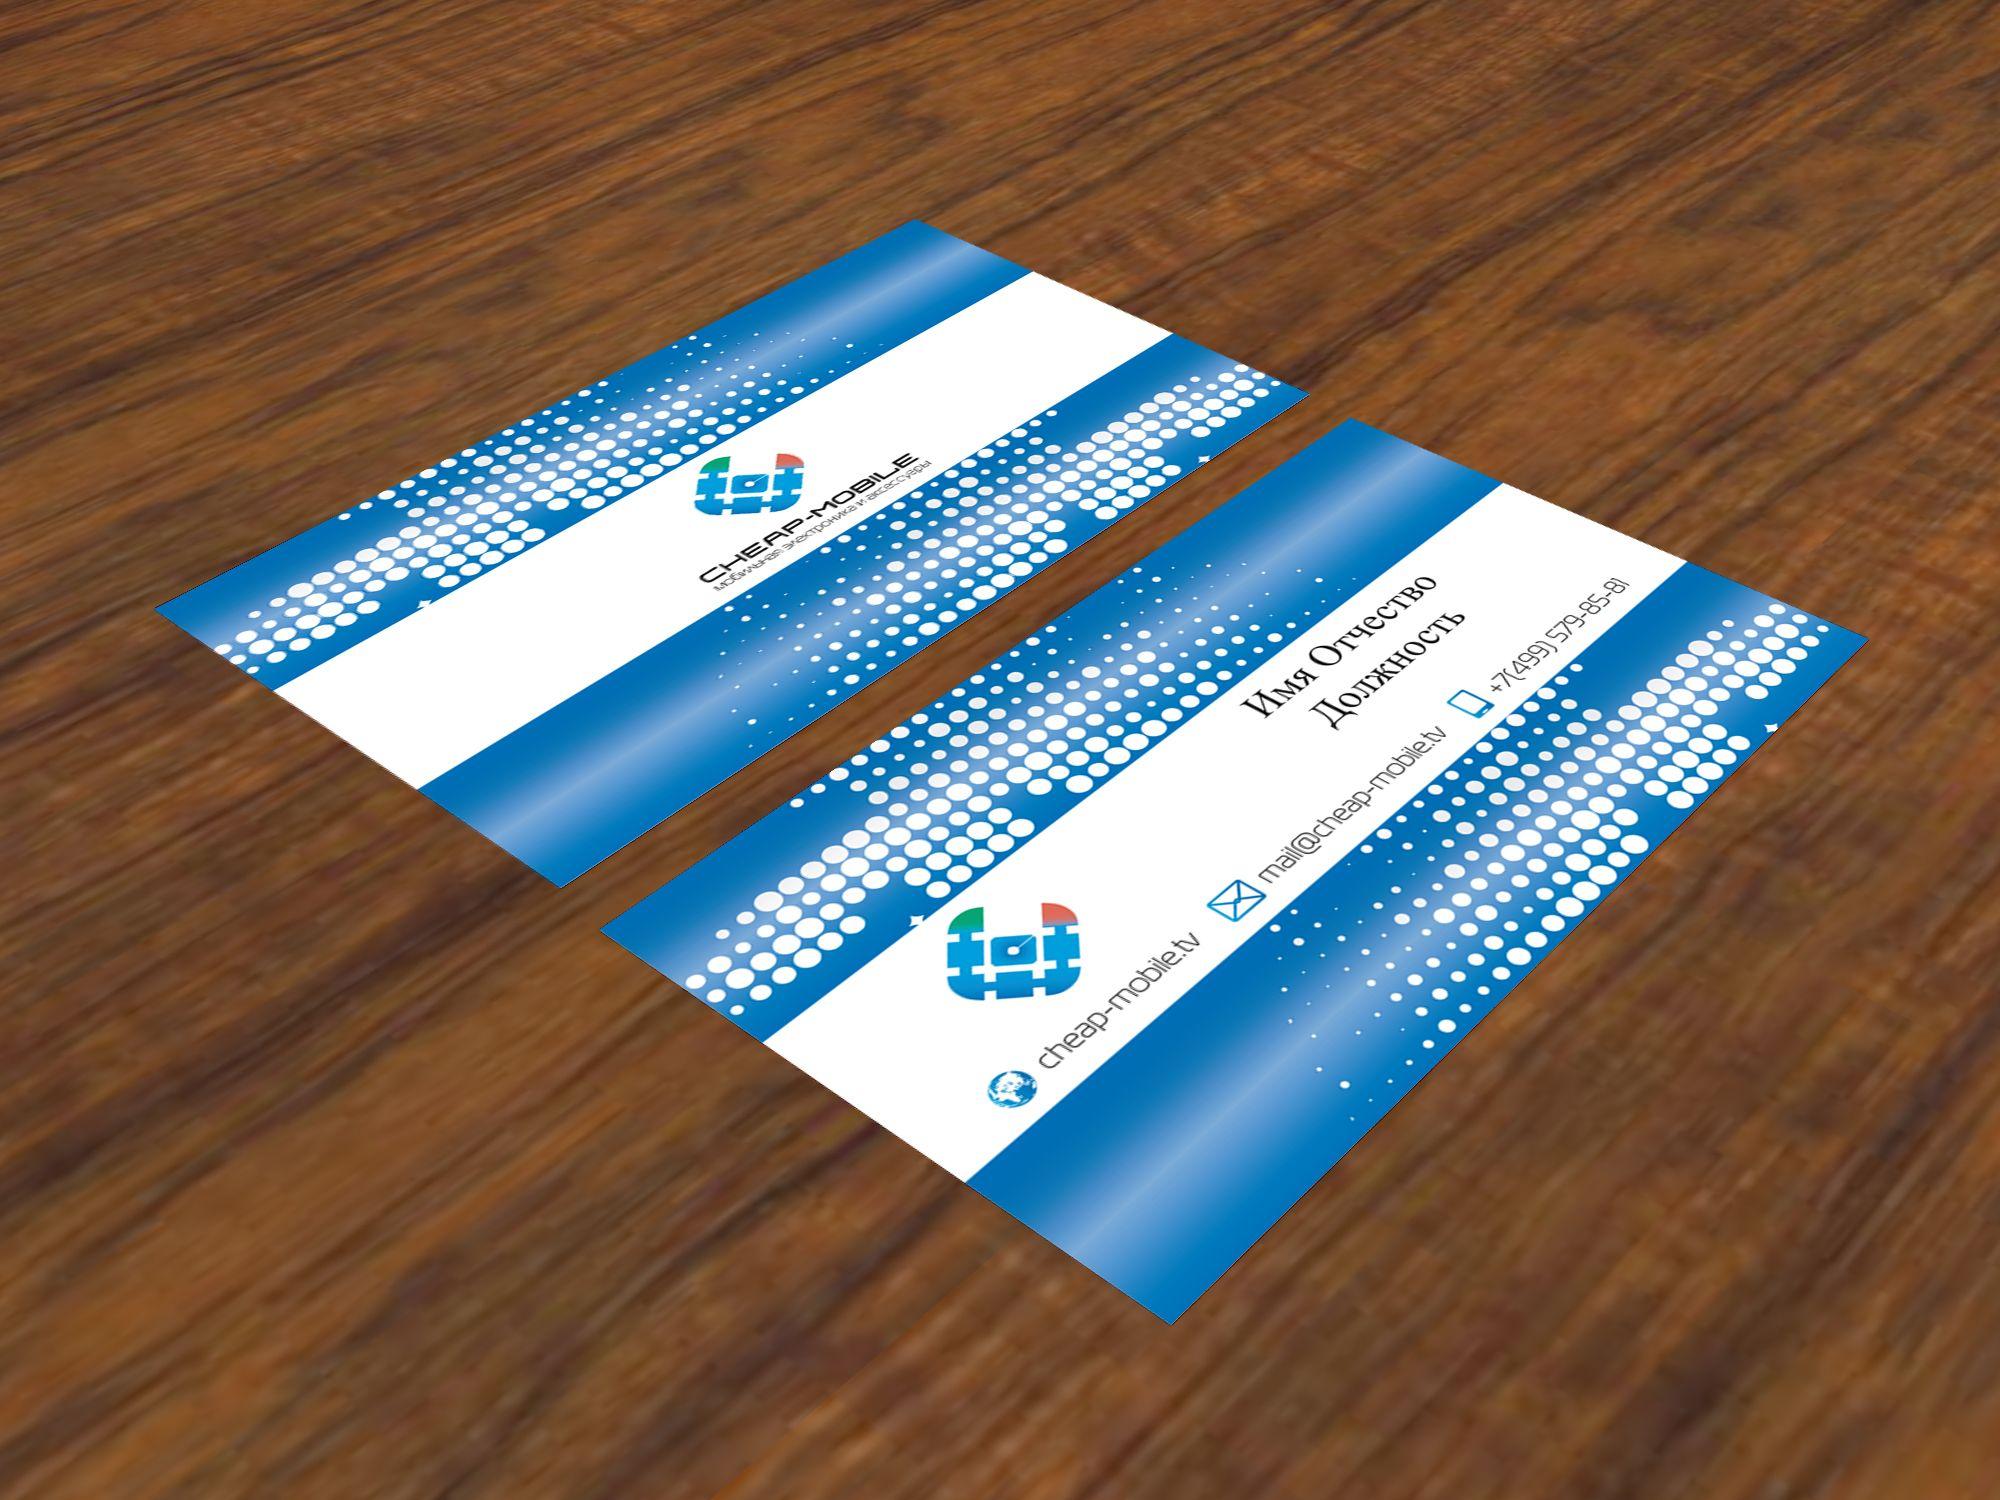 Лого и фирменный стиль для ИМ (Мобильные телефоны) - дизайнер Gas-Min